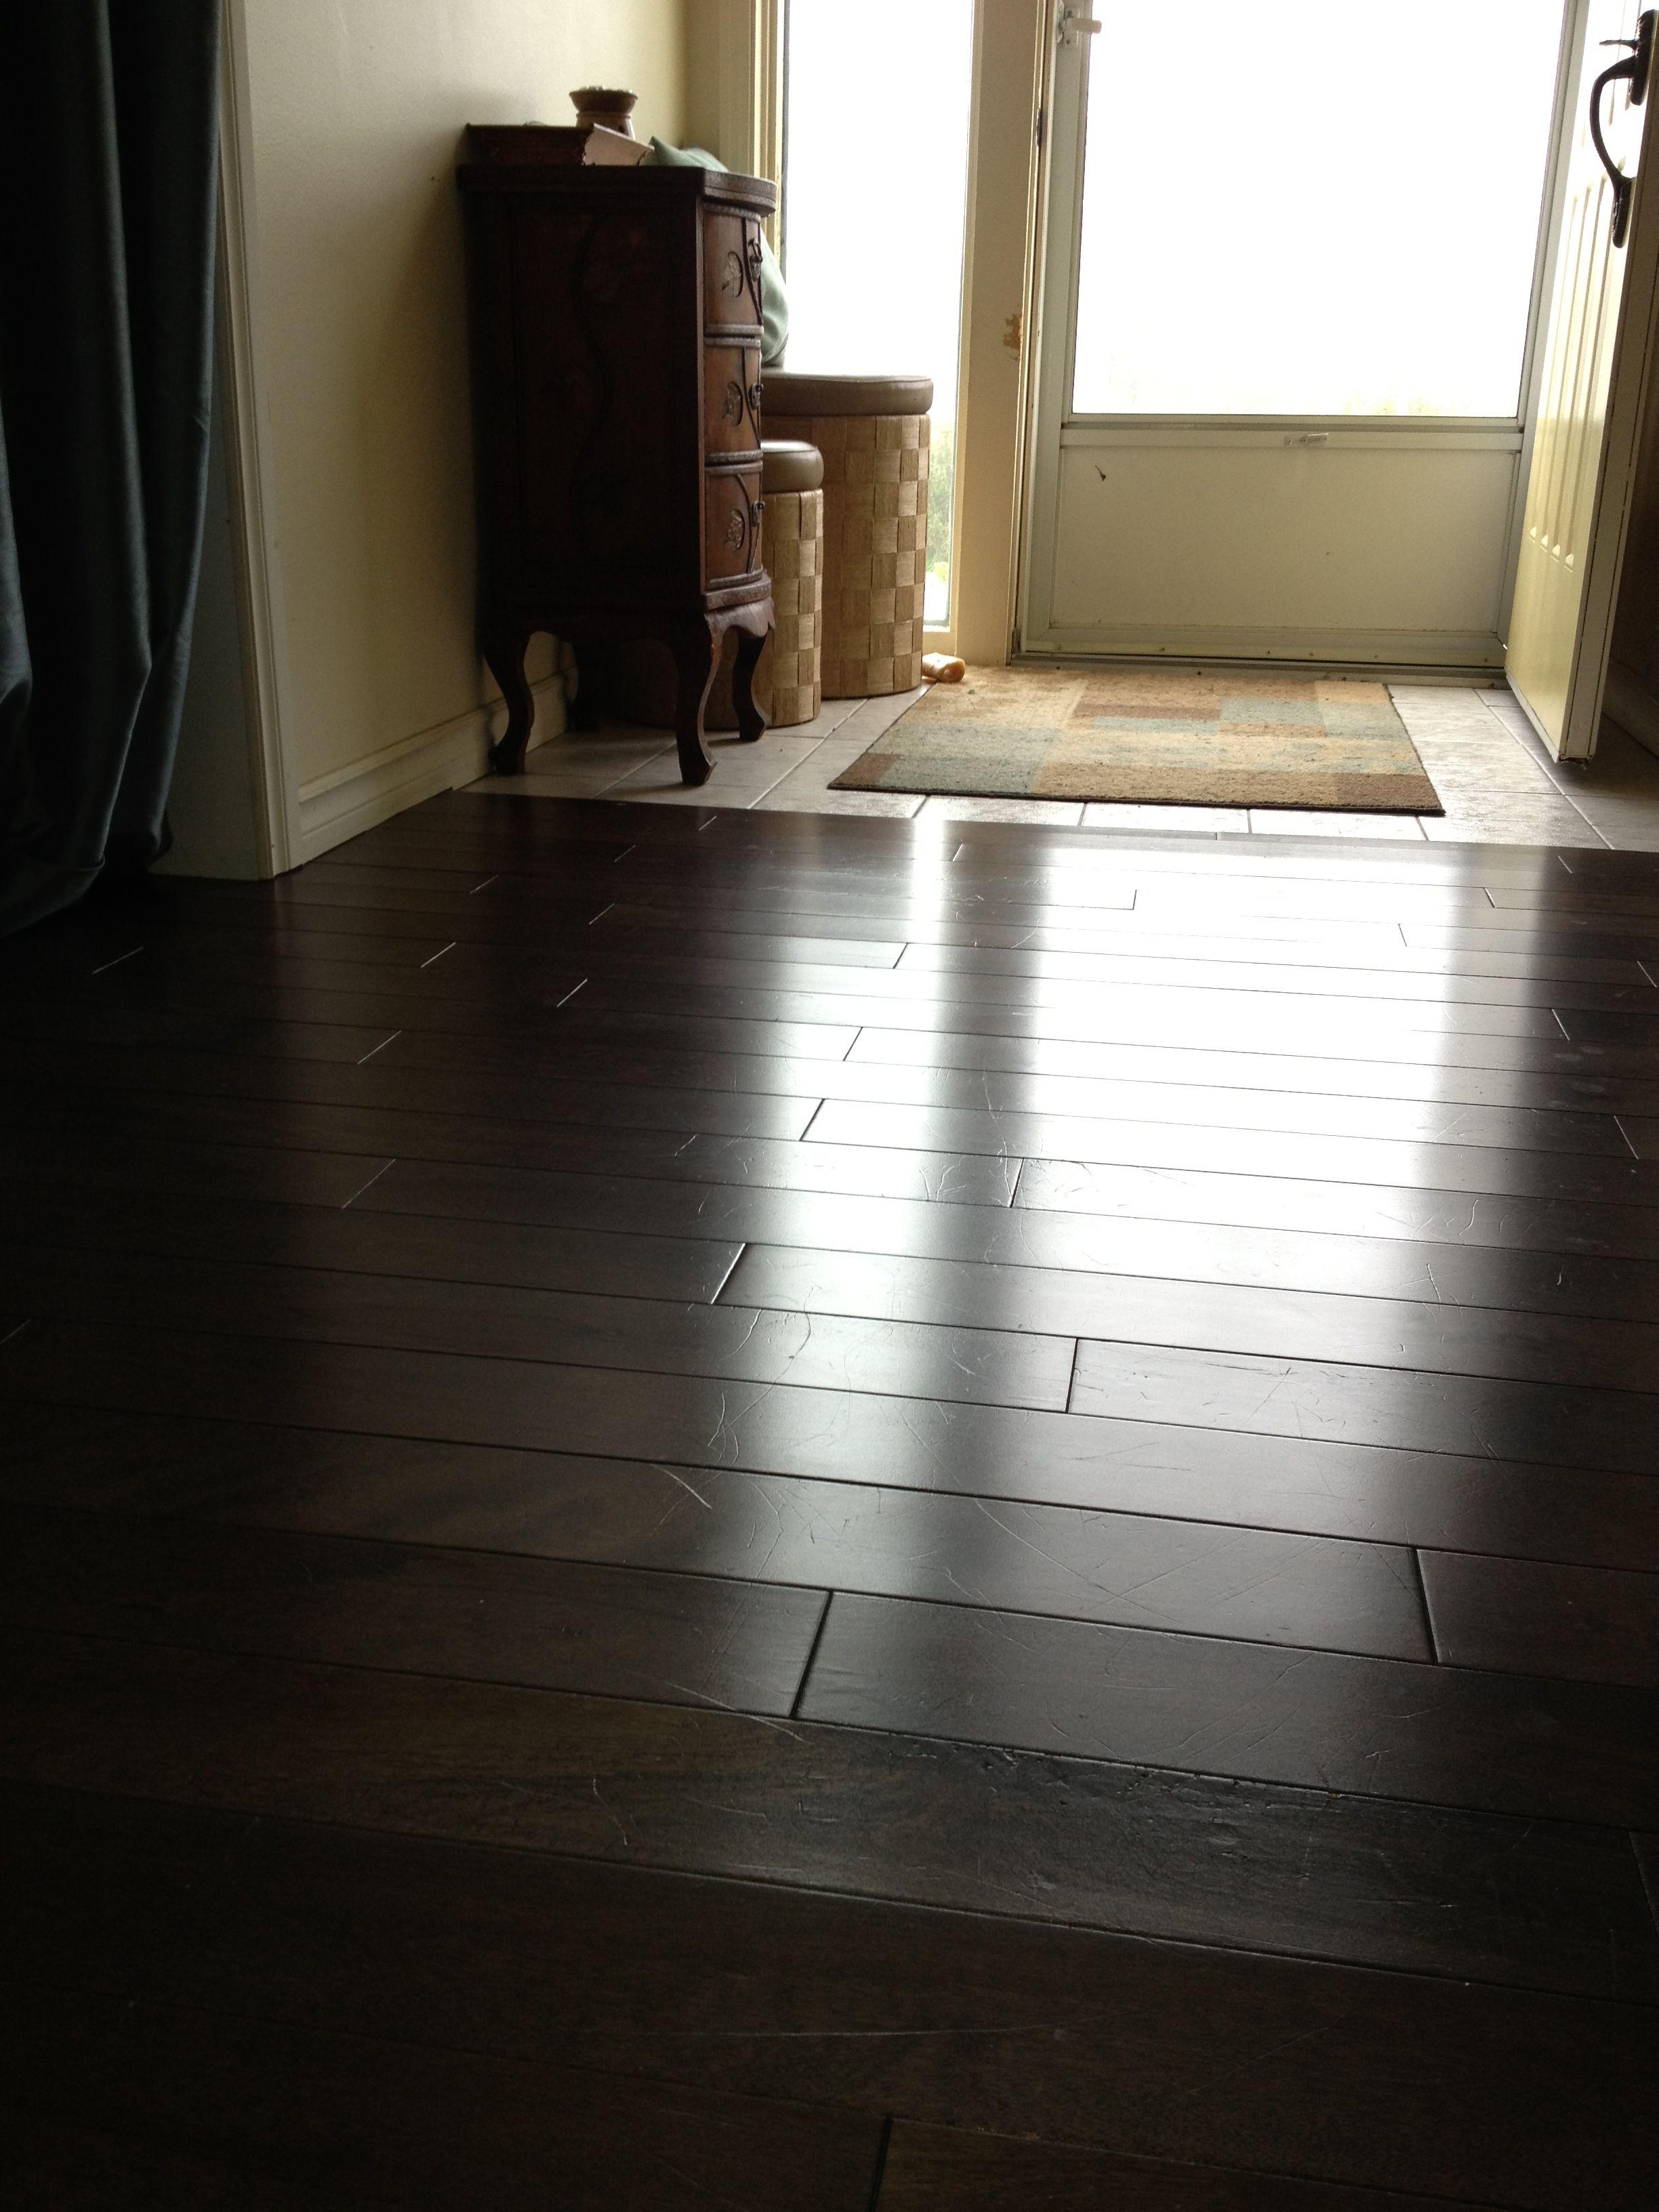 Amazing On Beaten Wood Floors 1 2 Full Mop Bucket Of Warm